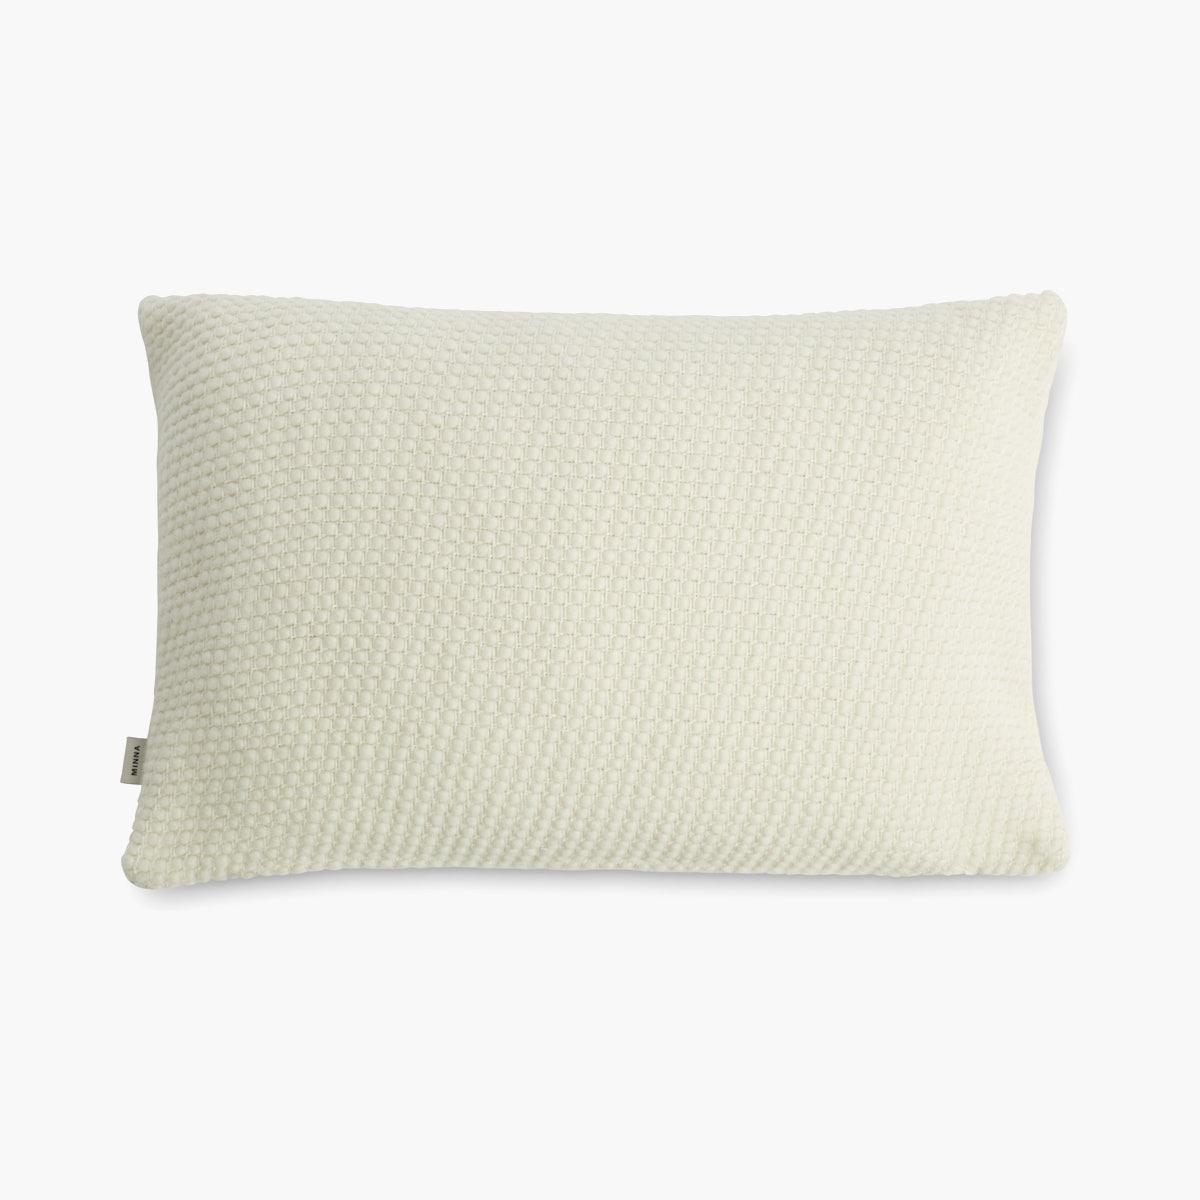 Sheila Pillow